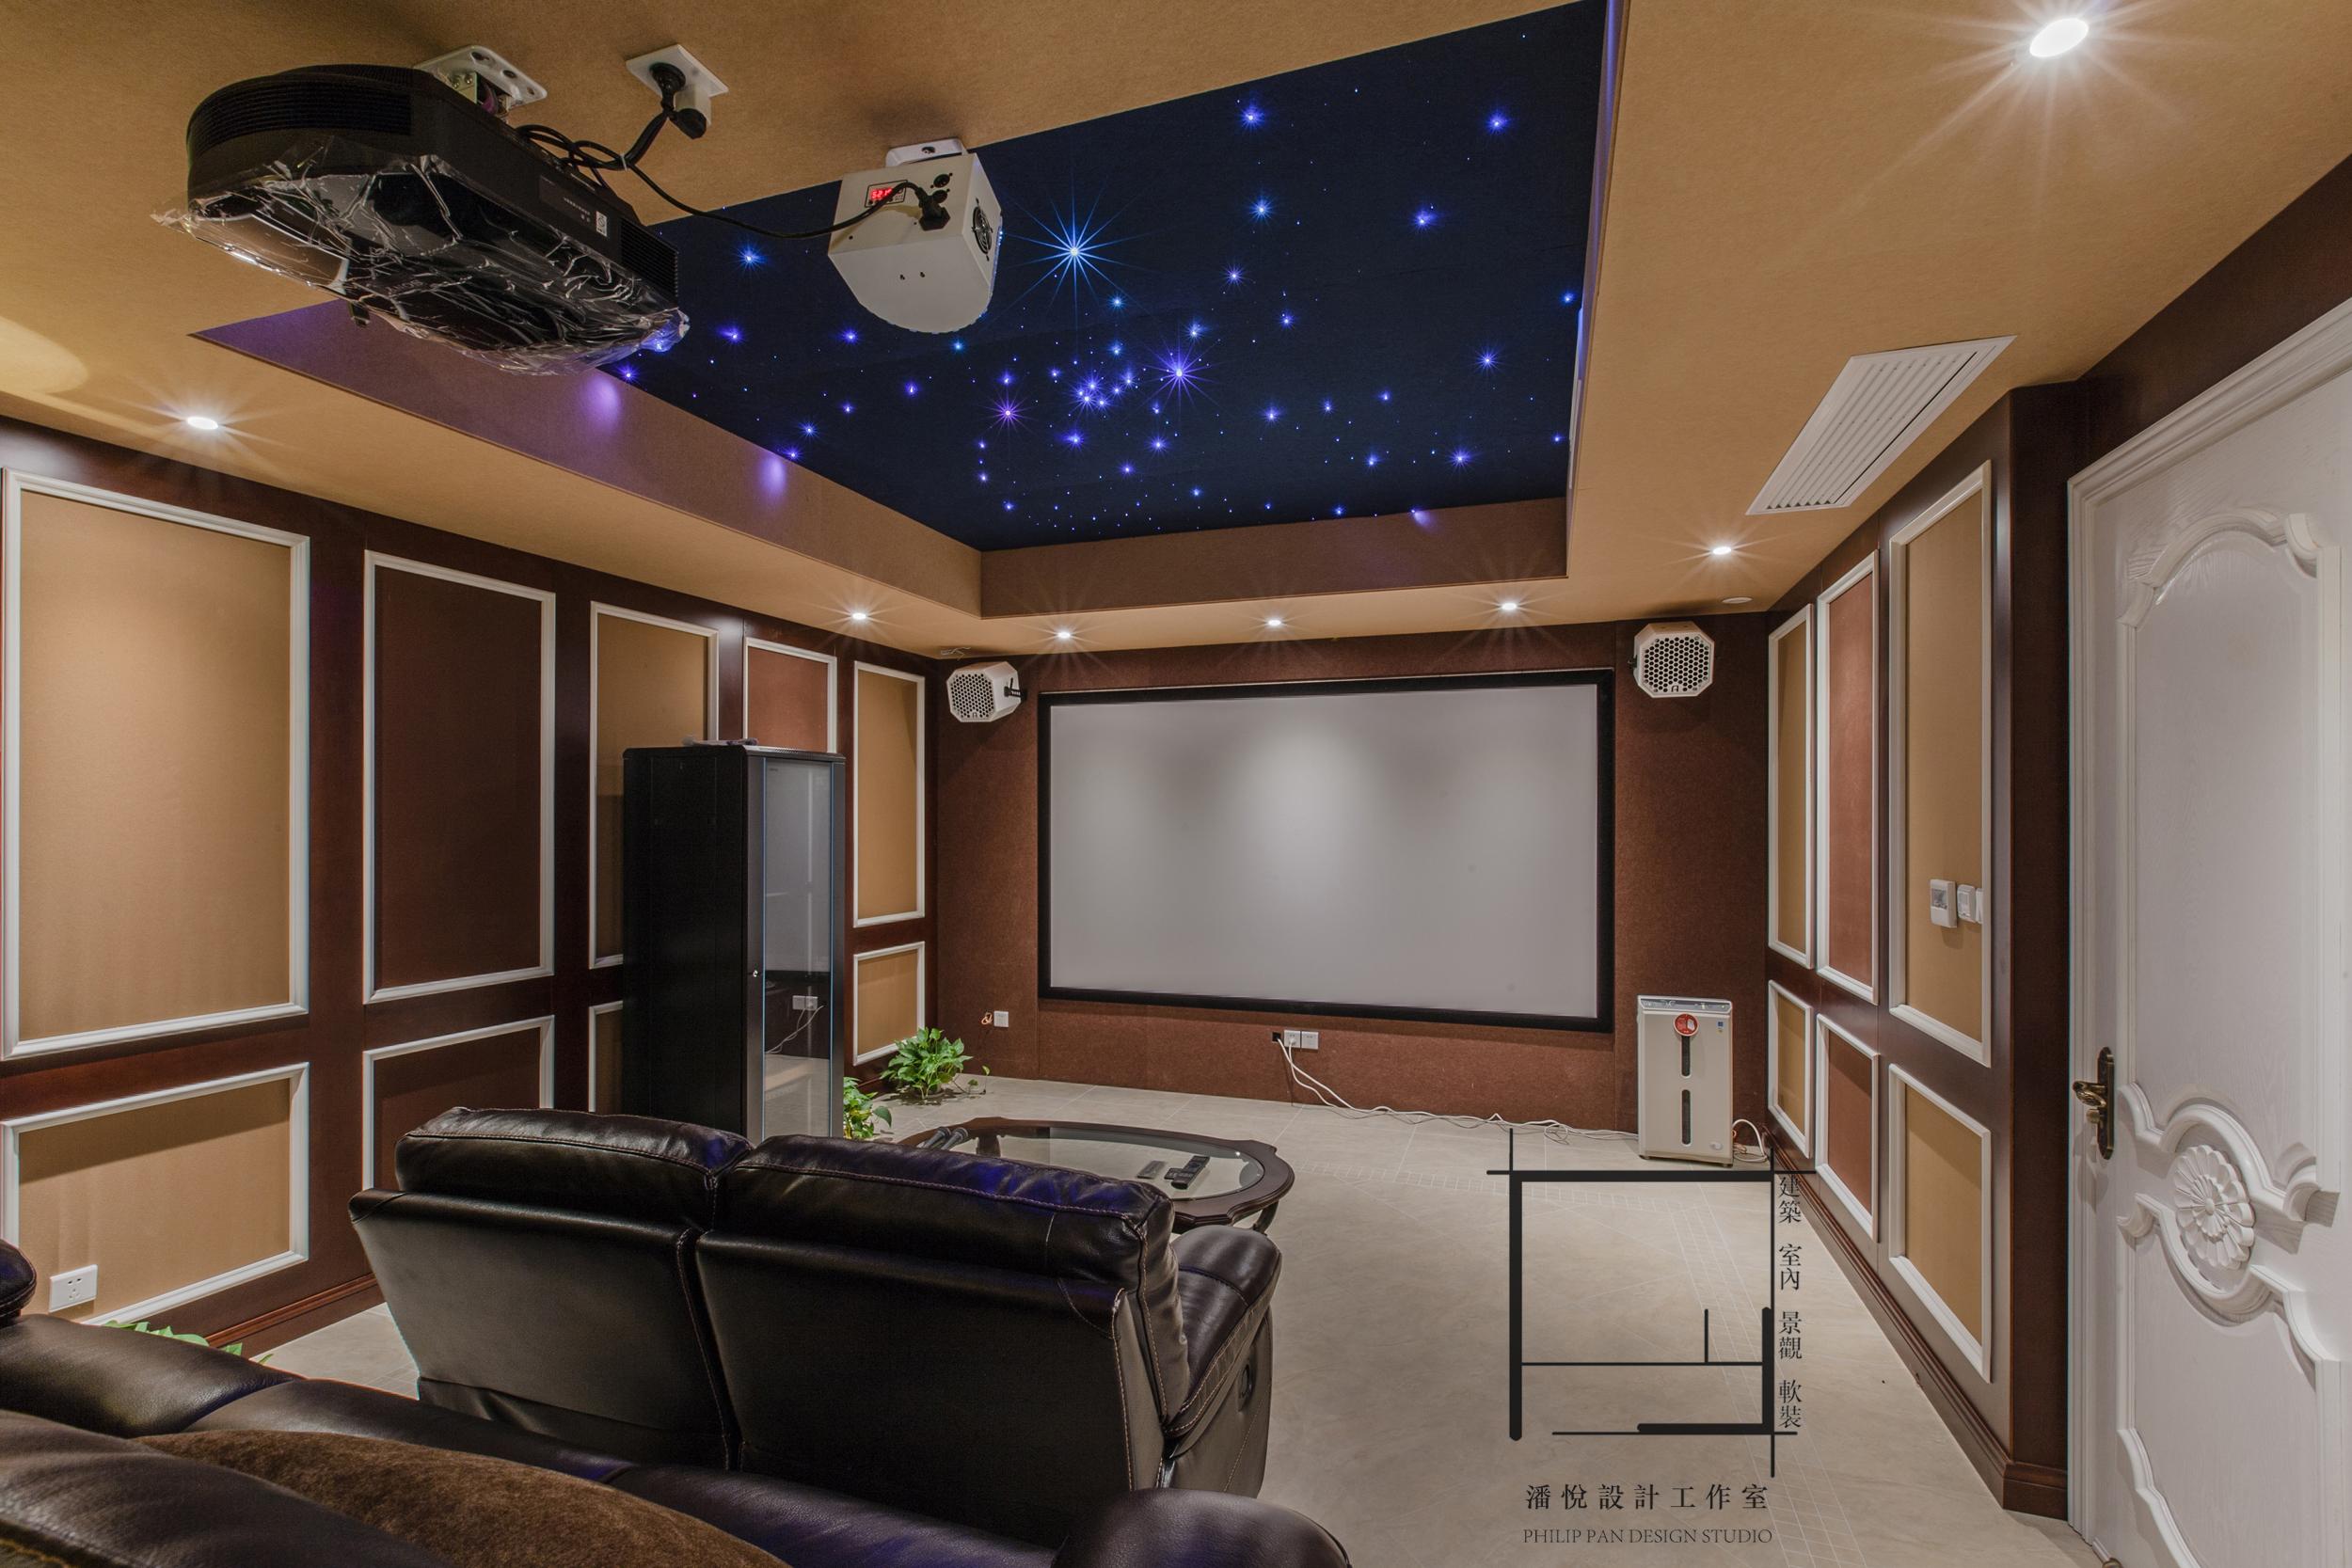 欧式 混搭 80后 小资 地下影视厅图片来自潘悦设计事务所在品味·歐風-上海復地香梔花園的分享